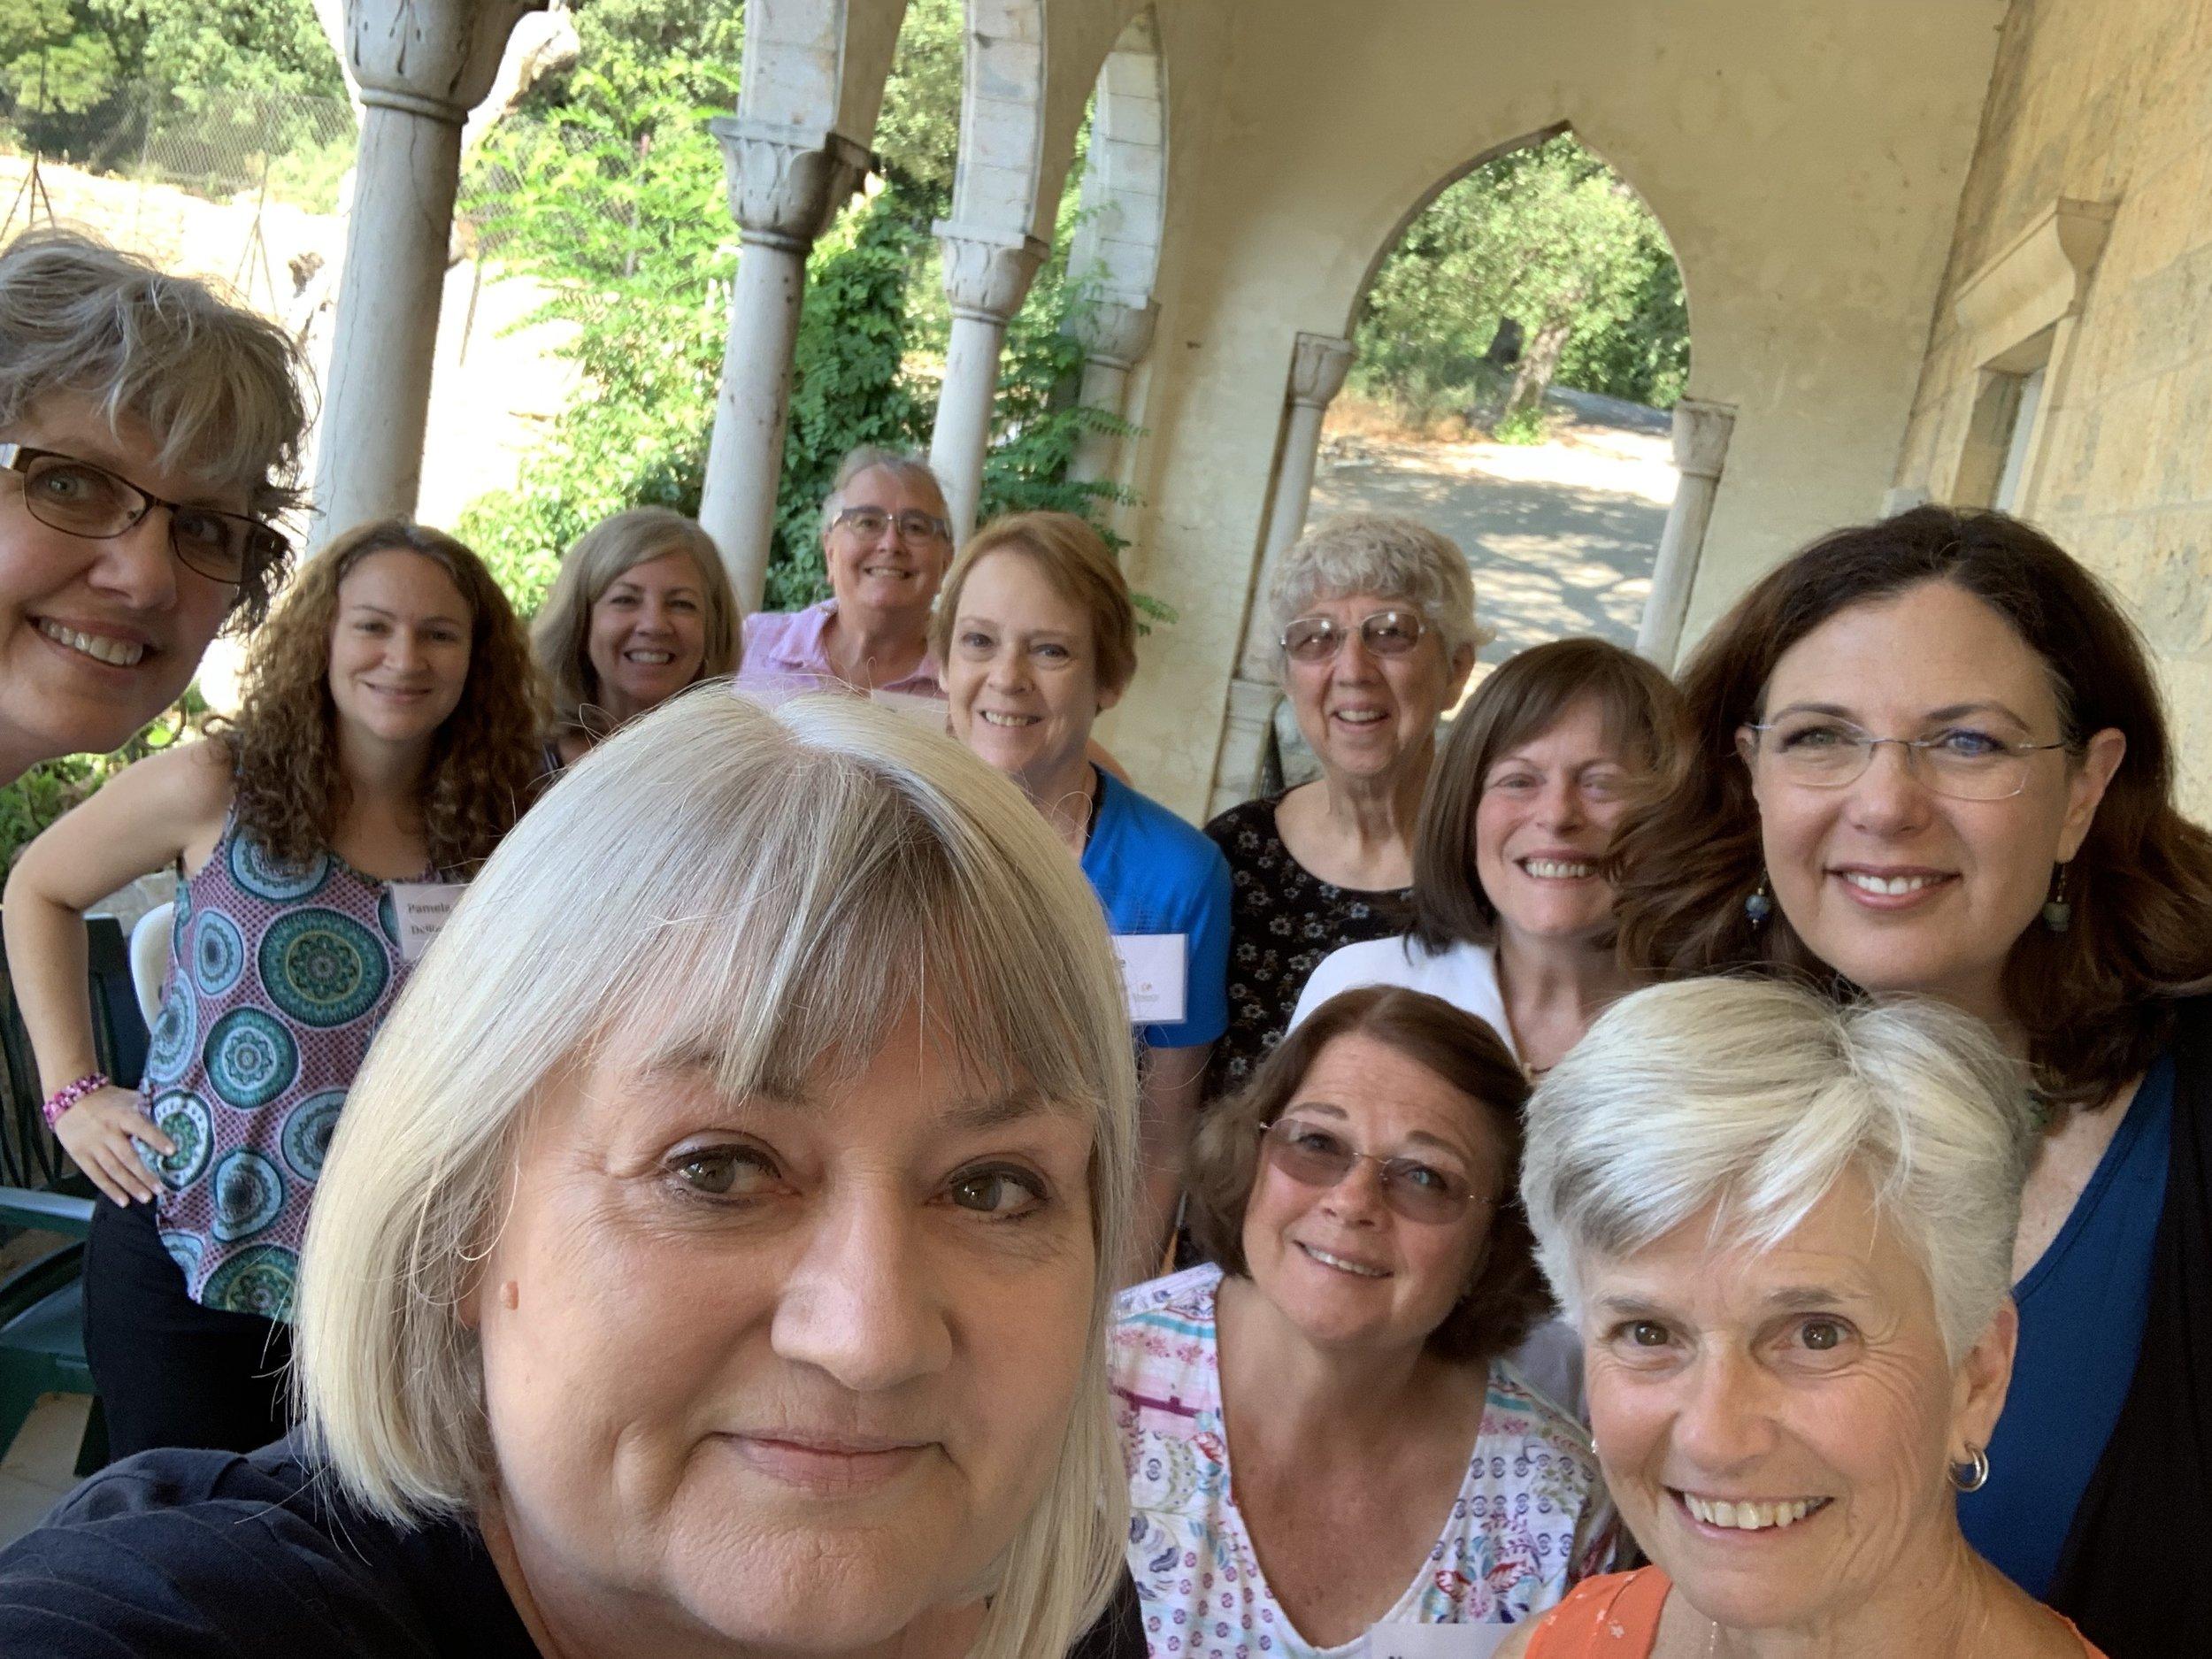 Faithful women gathered for choir practice